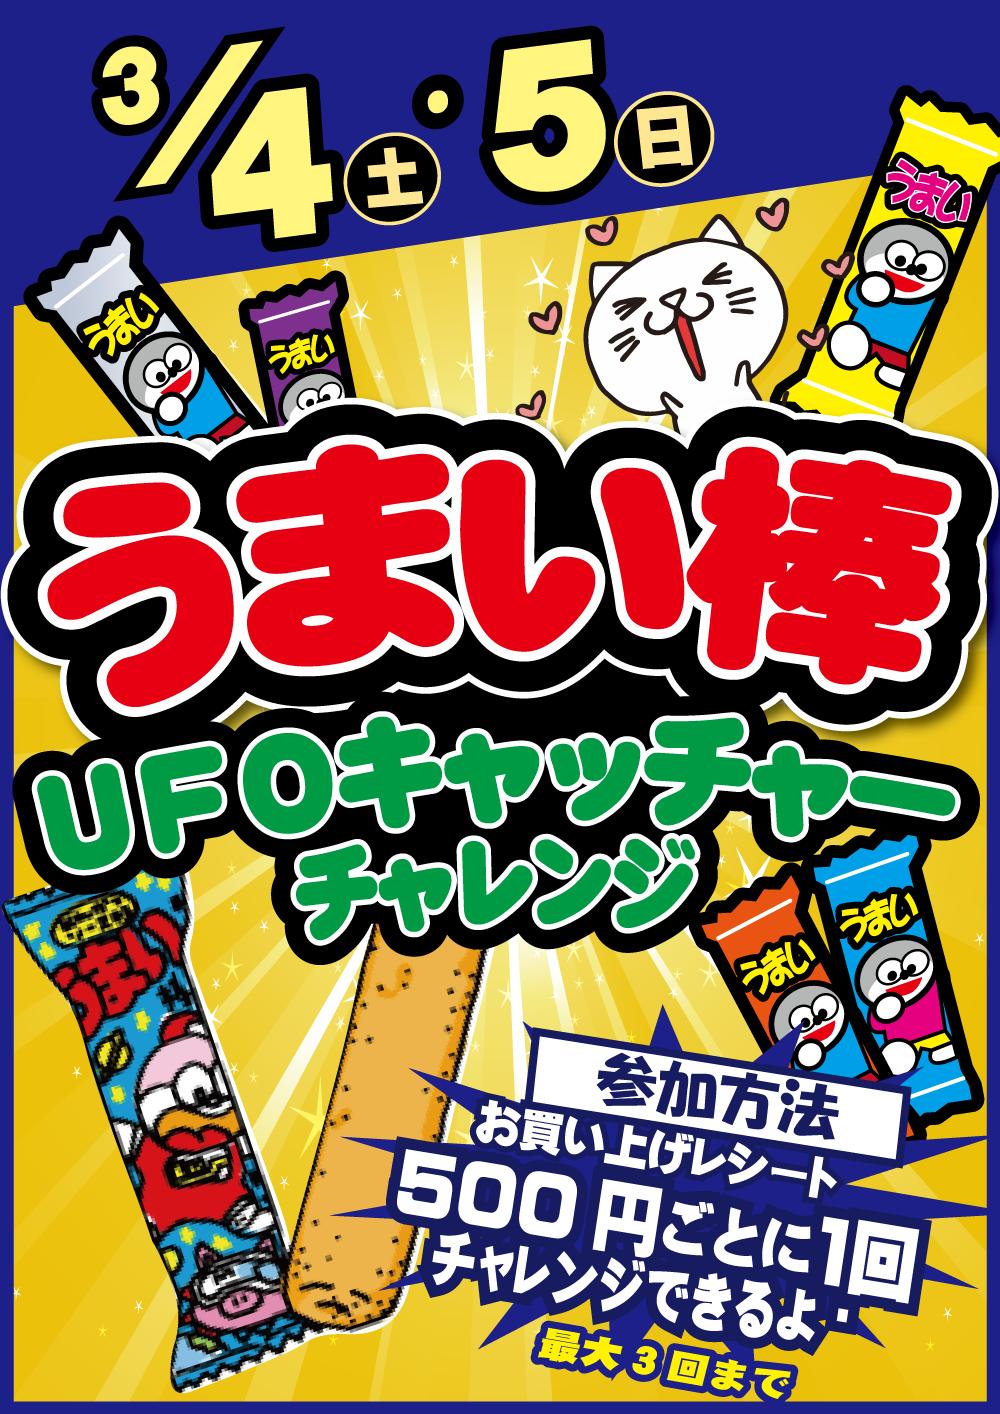 「開放倉庫桜井店」2017年3月4、5日の土日2日間!うまい棒UFOキャッチャーチャレンジを開催!!